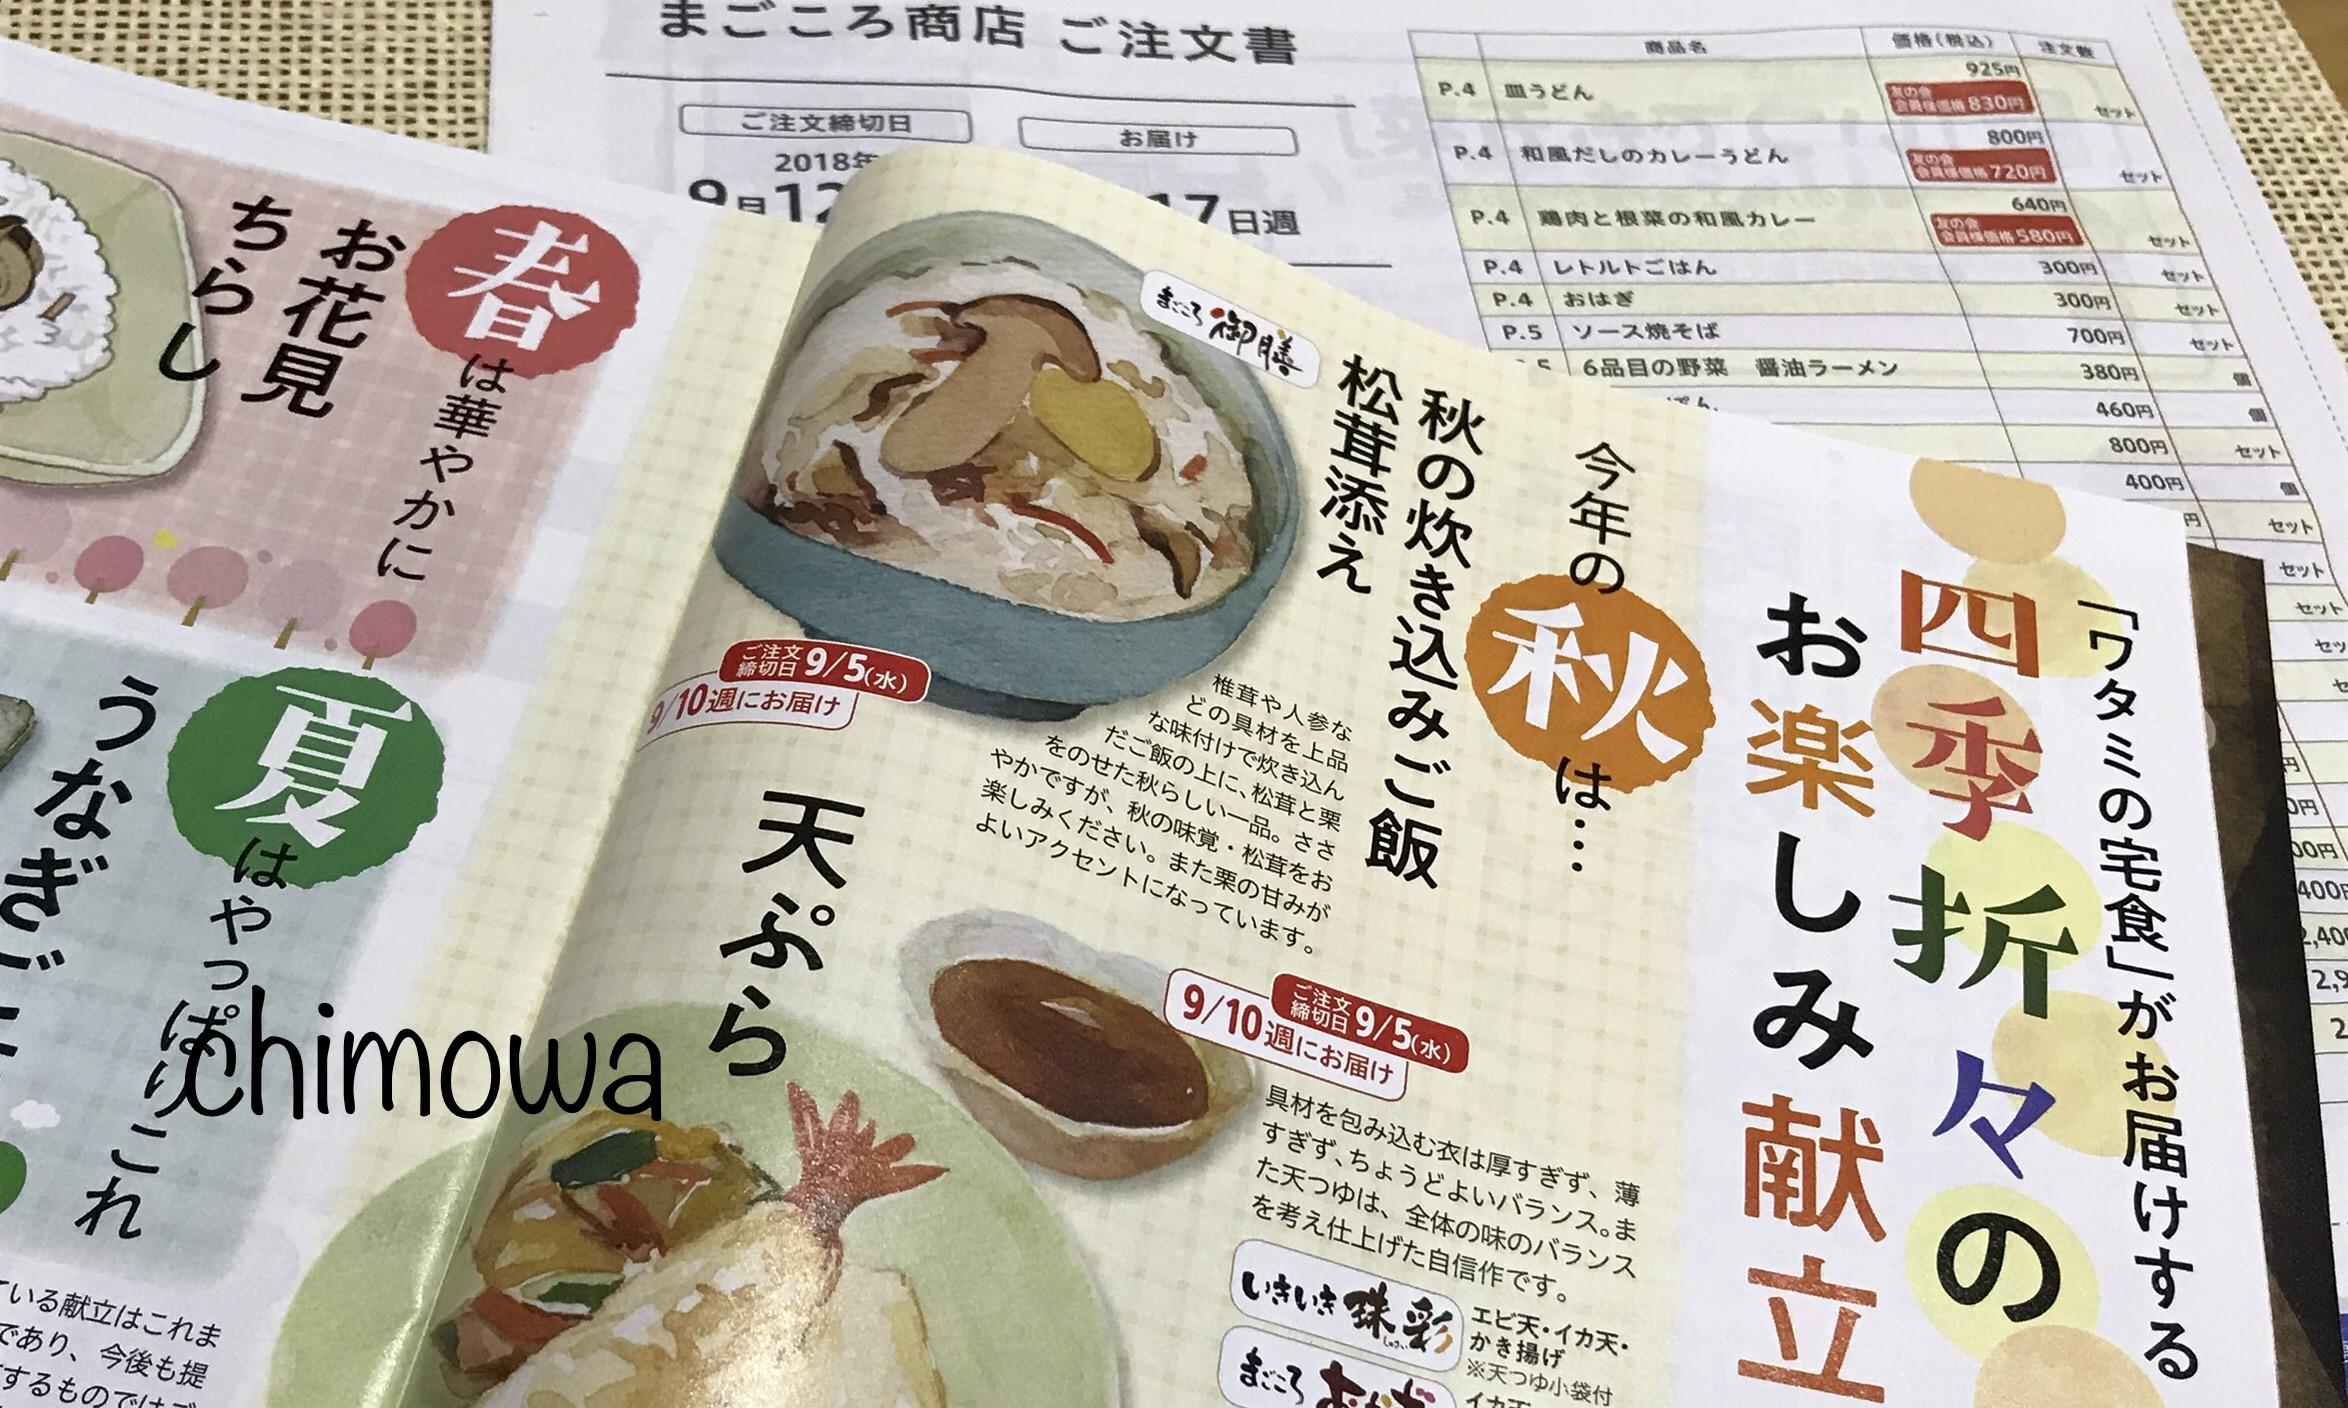 ワタミの宅食情報誌『宅食らいふ』よりお楽しみ献立のページの写真